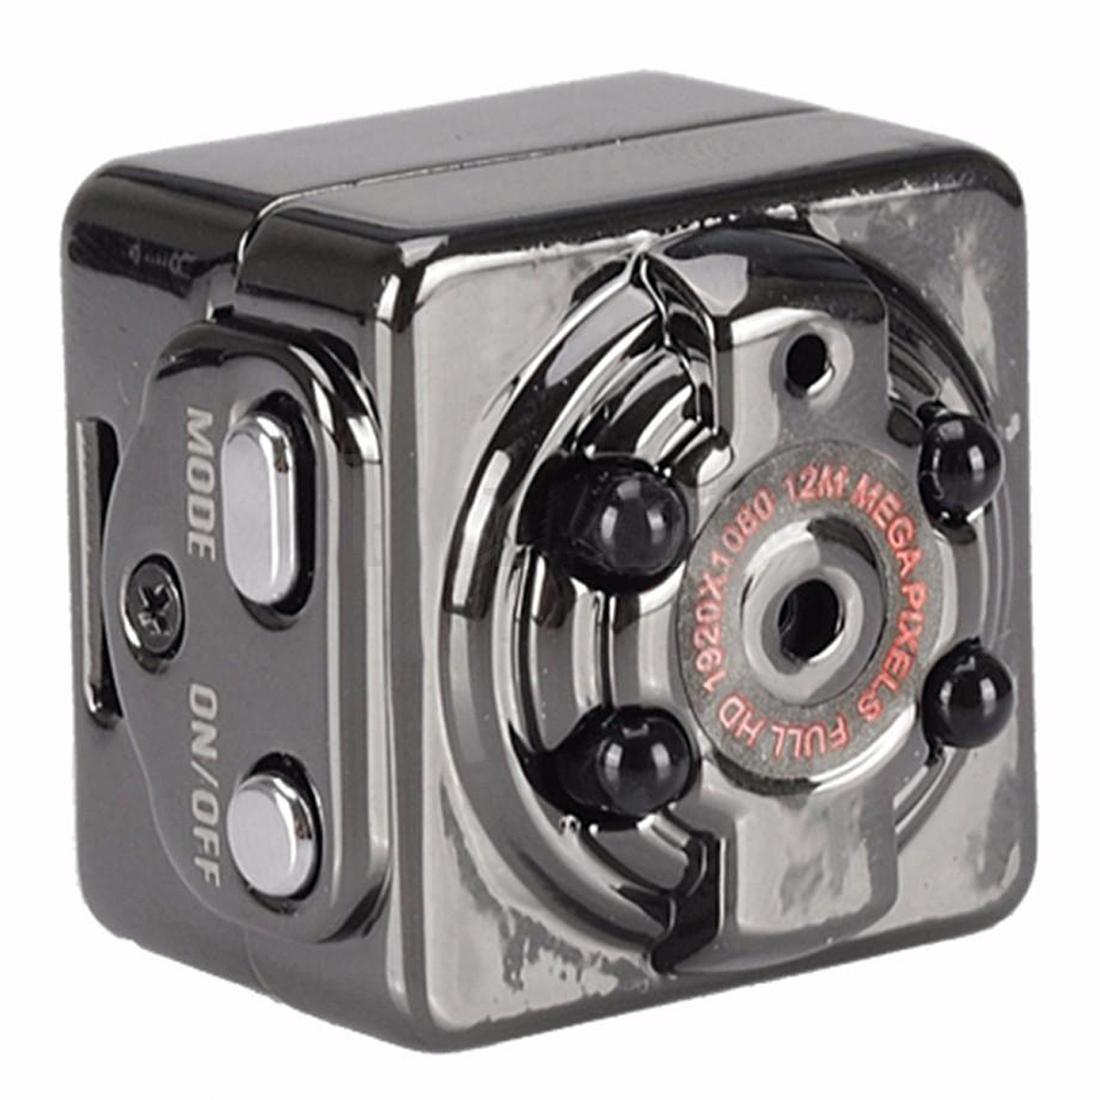 Авторегистратор mini dv md p-205 авто видеорегистраторы с датчиком